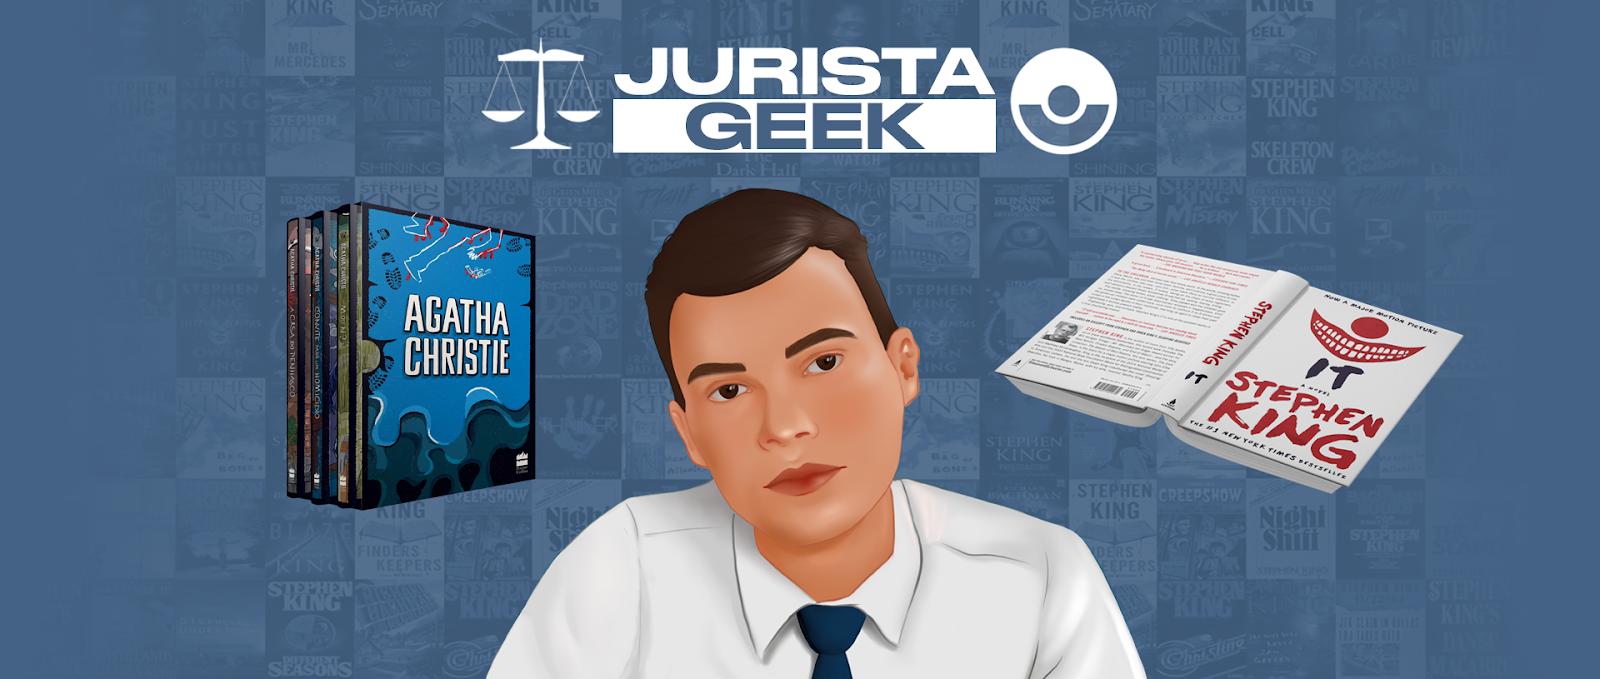 Jurista Geek